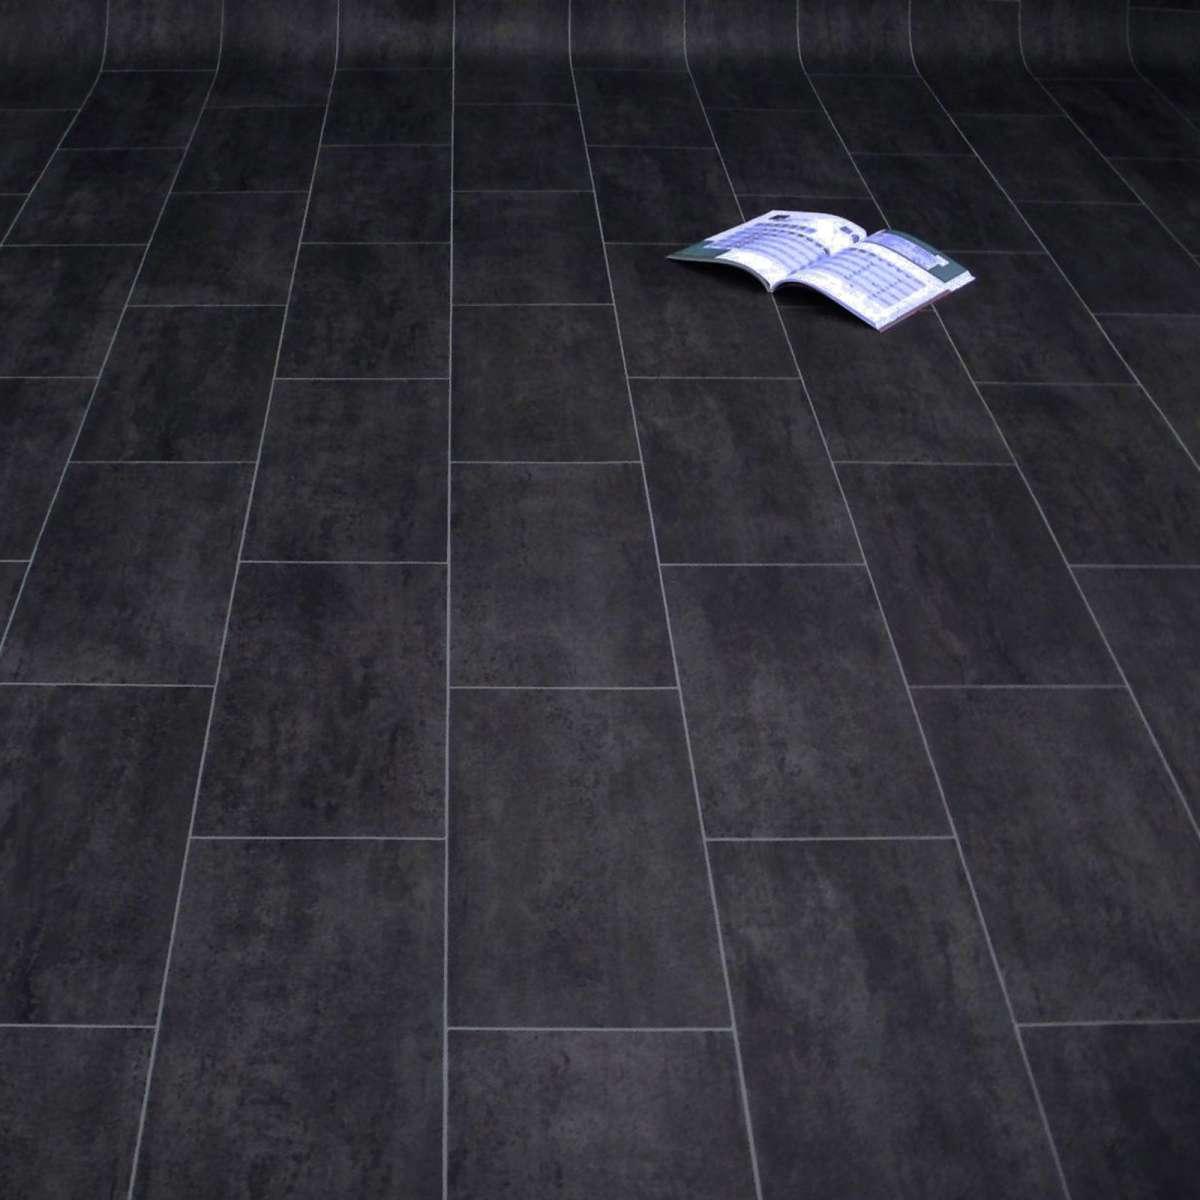 Hervorragend PVC Bodenbelag Fliese Schwarz Melbourne Noir | Fliese Stein | PVC  IR46